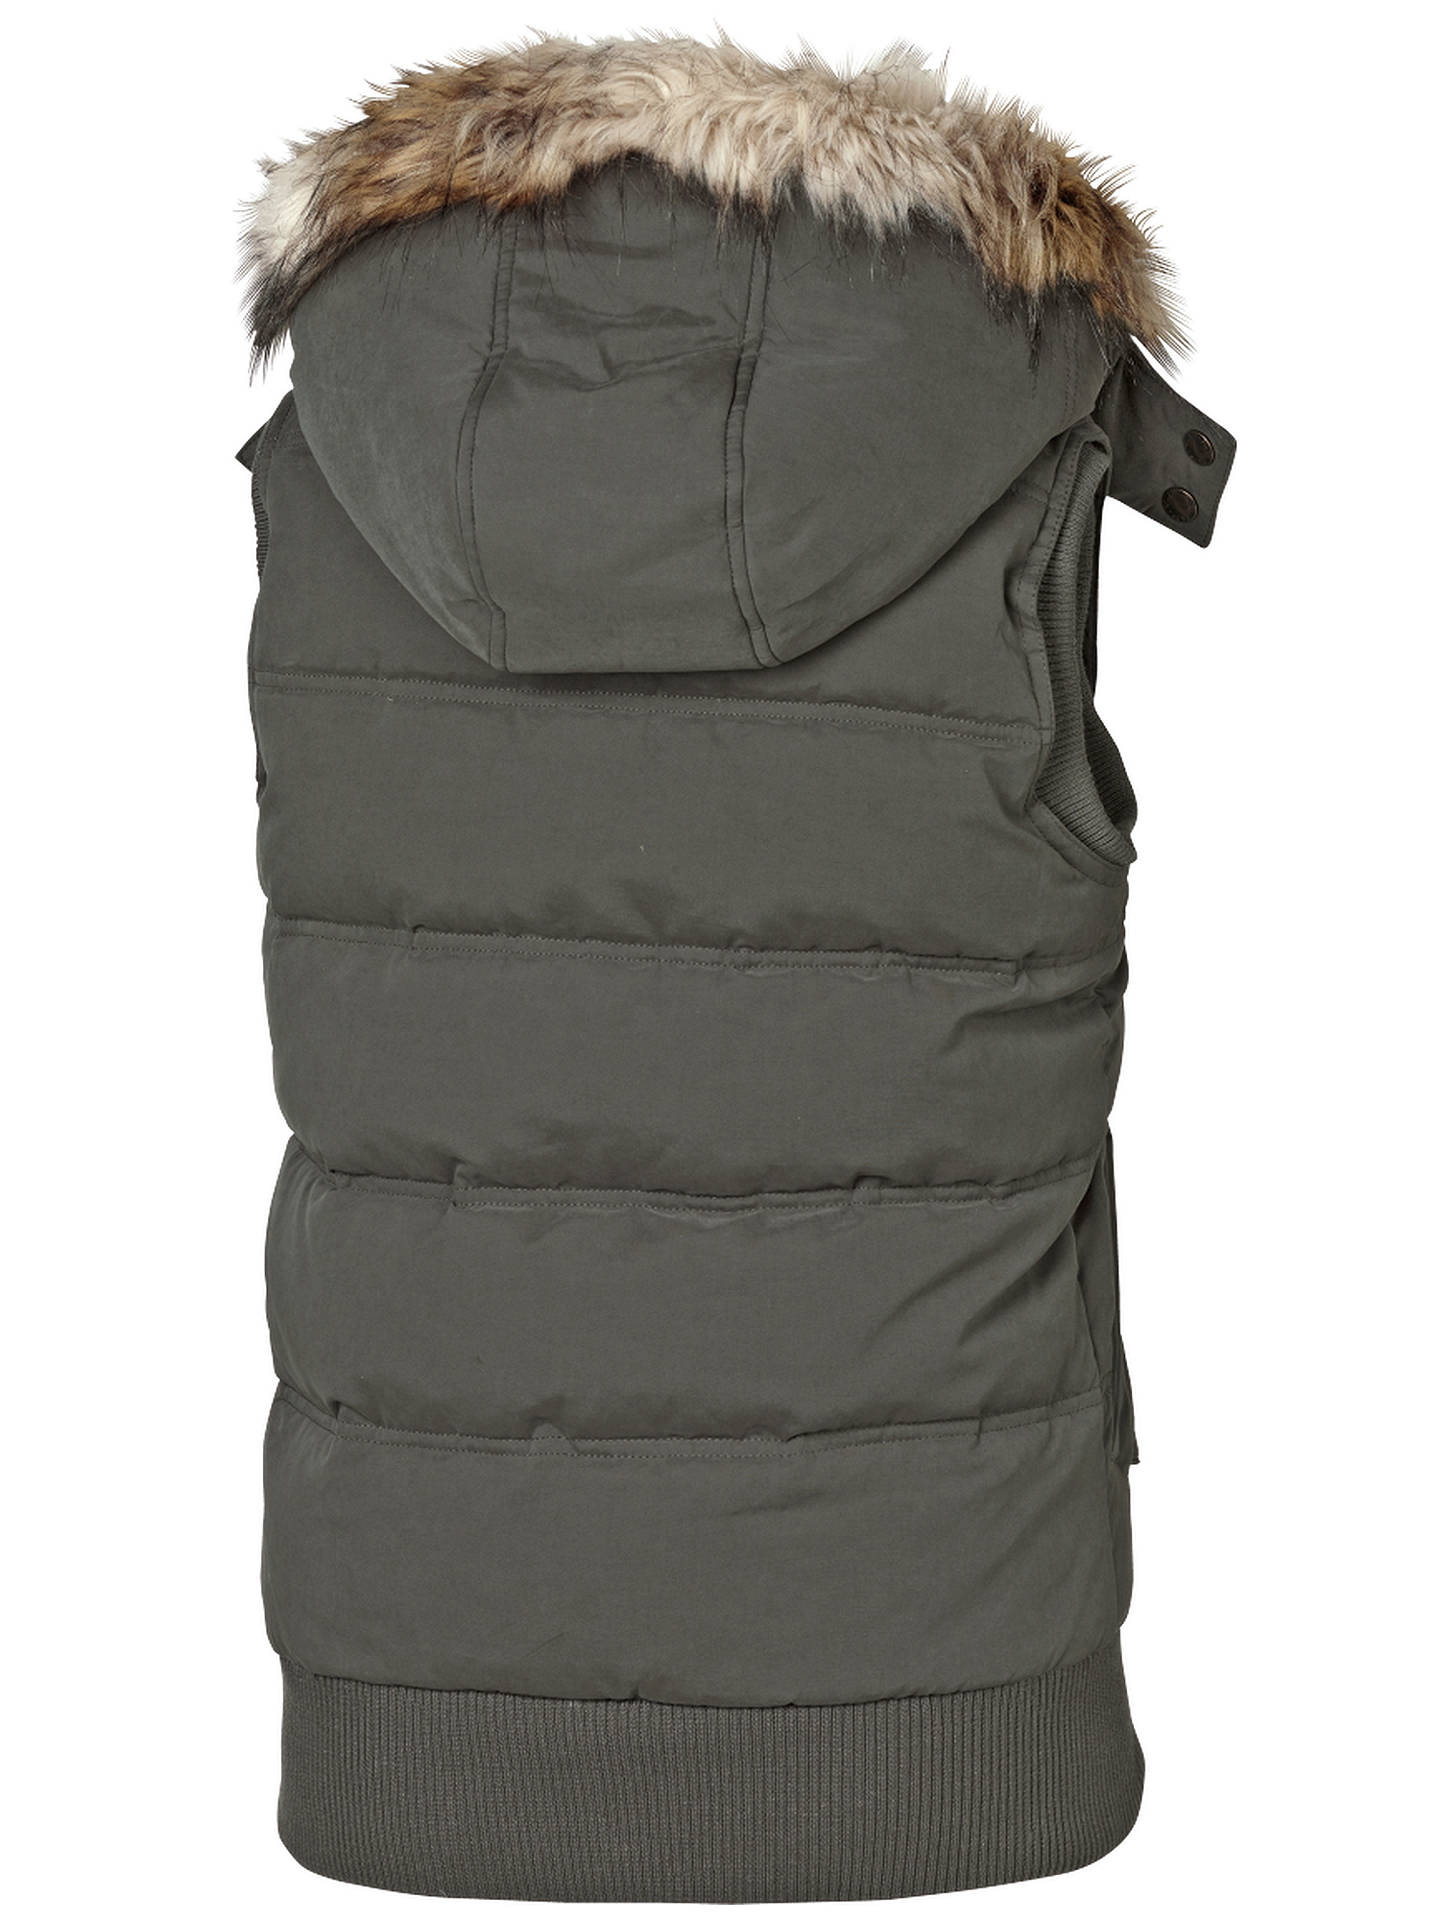 d122236a7 Fat Face Kimberley Faux Fur Trim Gilet at John Lewis & Partners